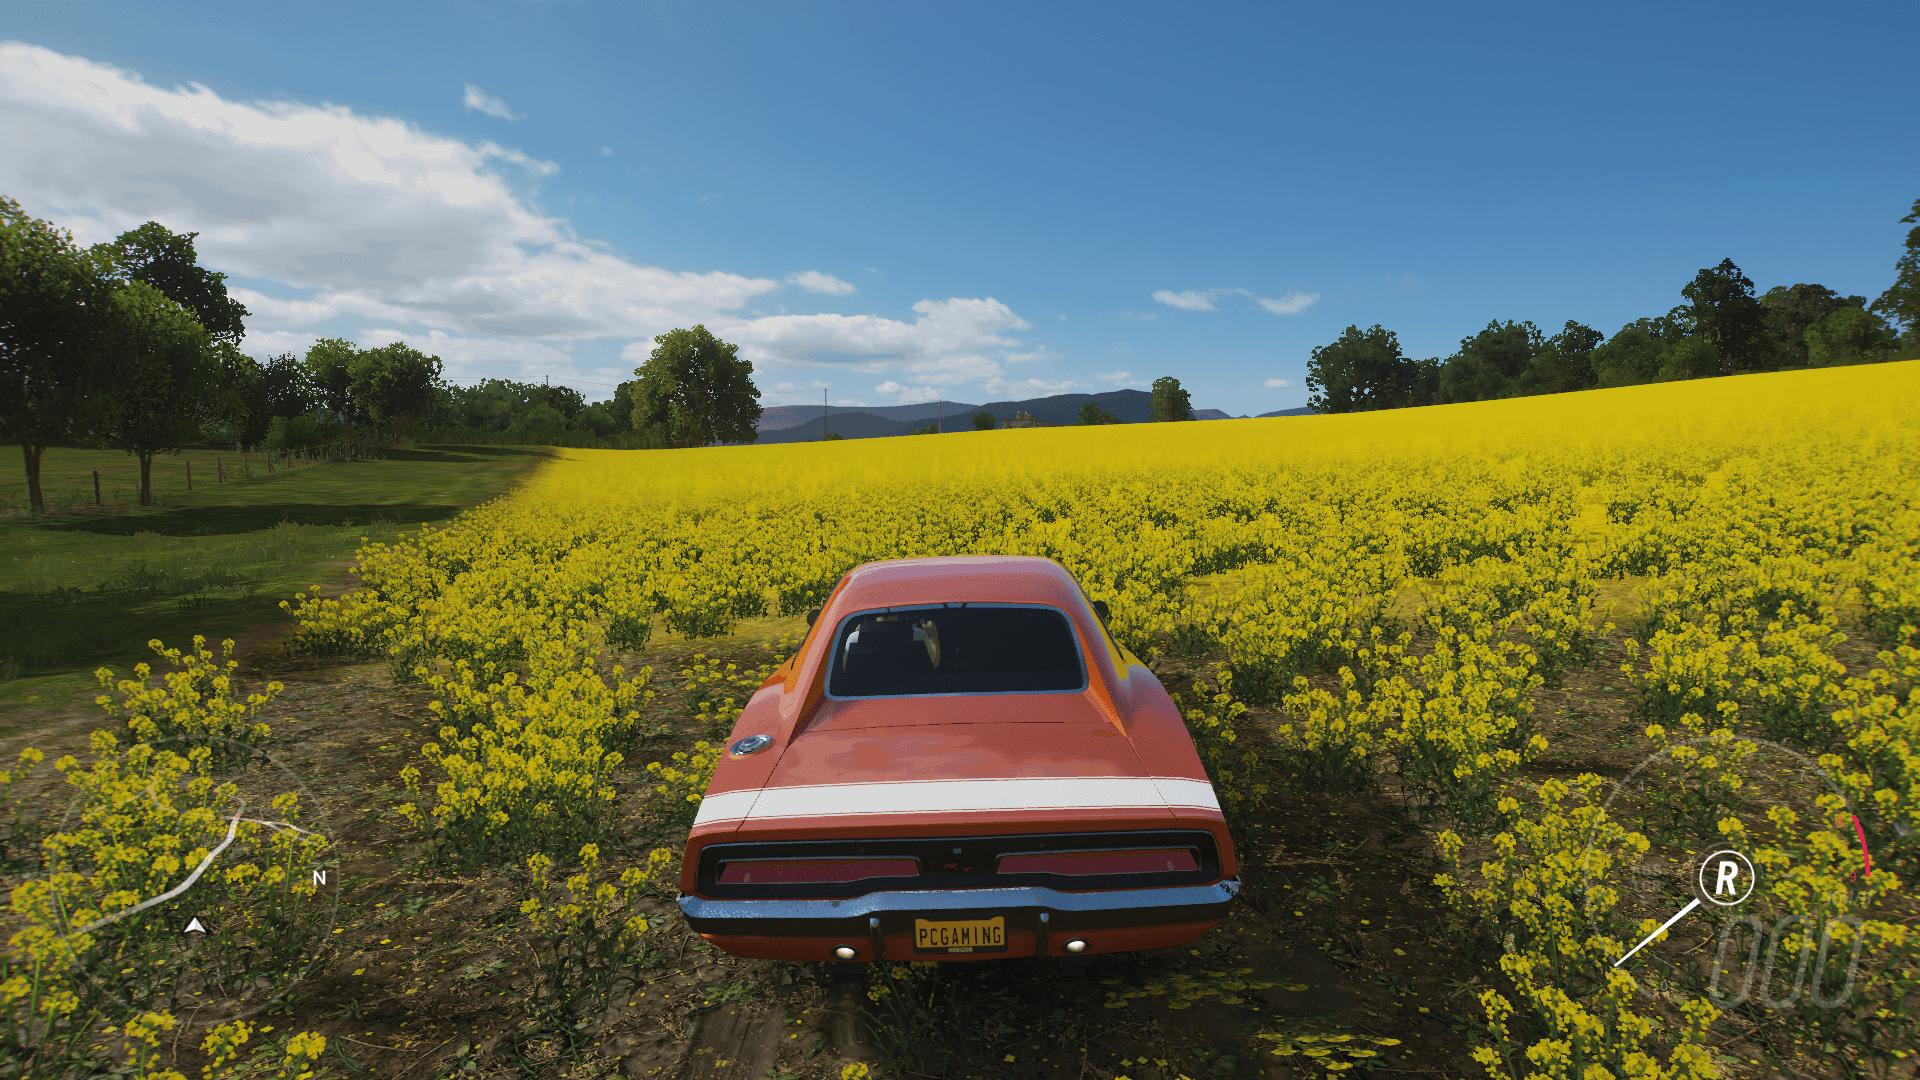 mdia1 - Forza Horizon 4 - Recensione come gira su PC